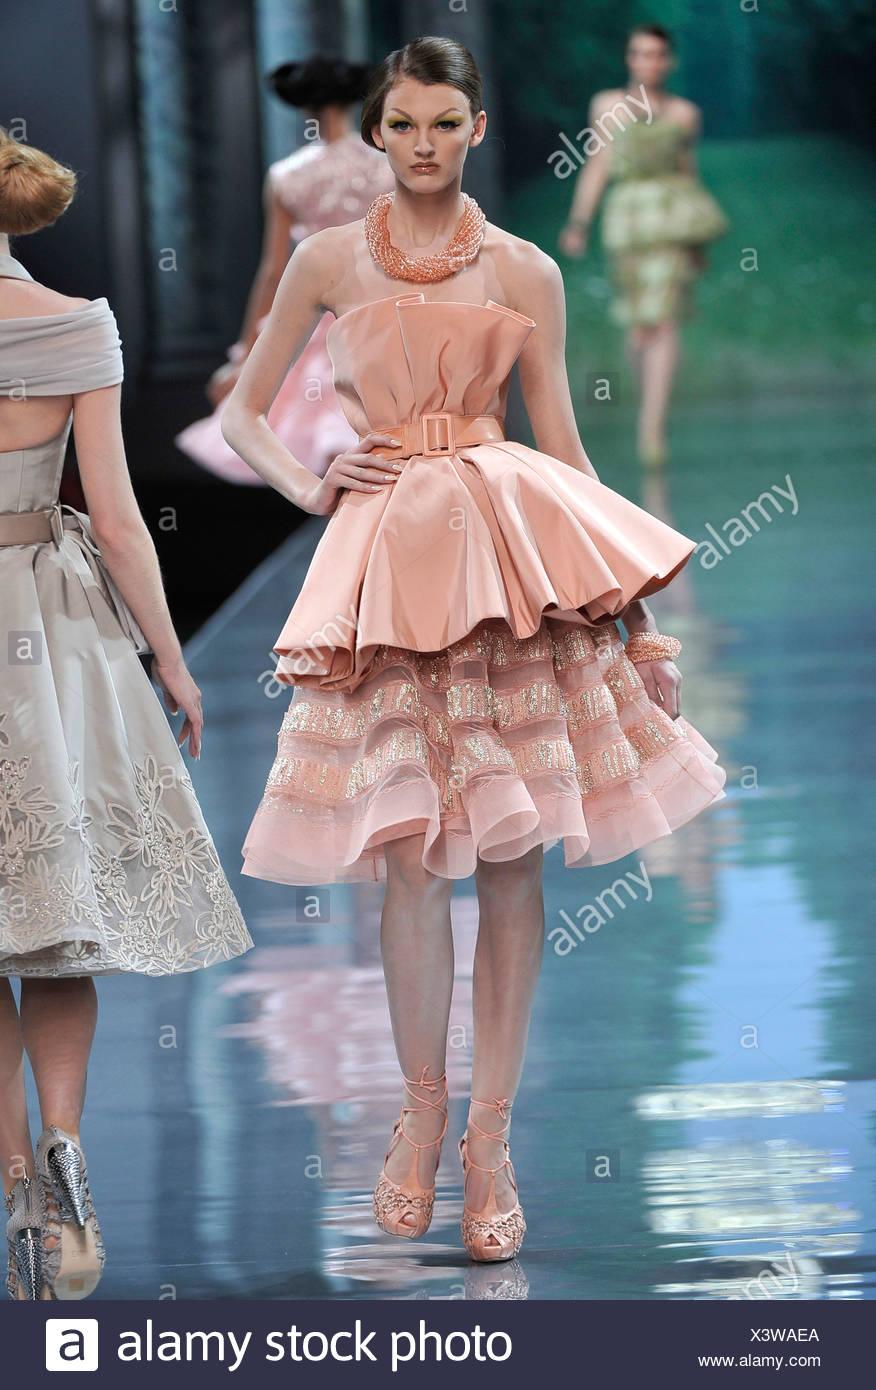 358af90c1f Christian Dior Parigi Haute Couture Autunno Inverno modello rosa da  indossare abiti senza maniche, riuniti mantello e cielo, allacciato alla  cintura,